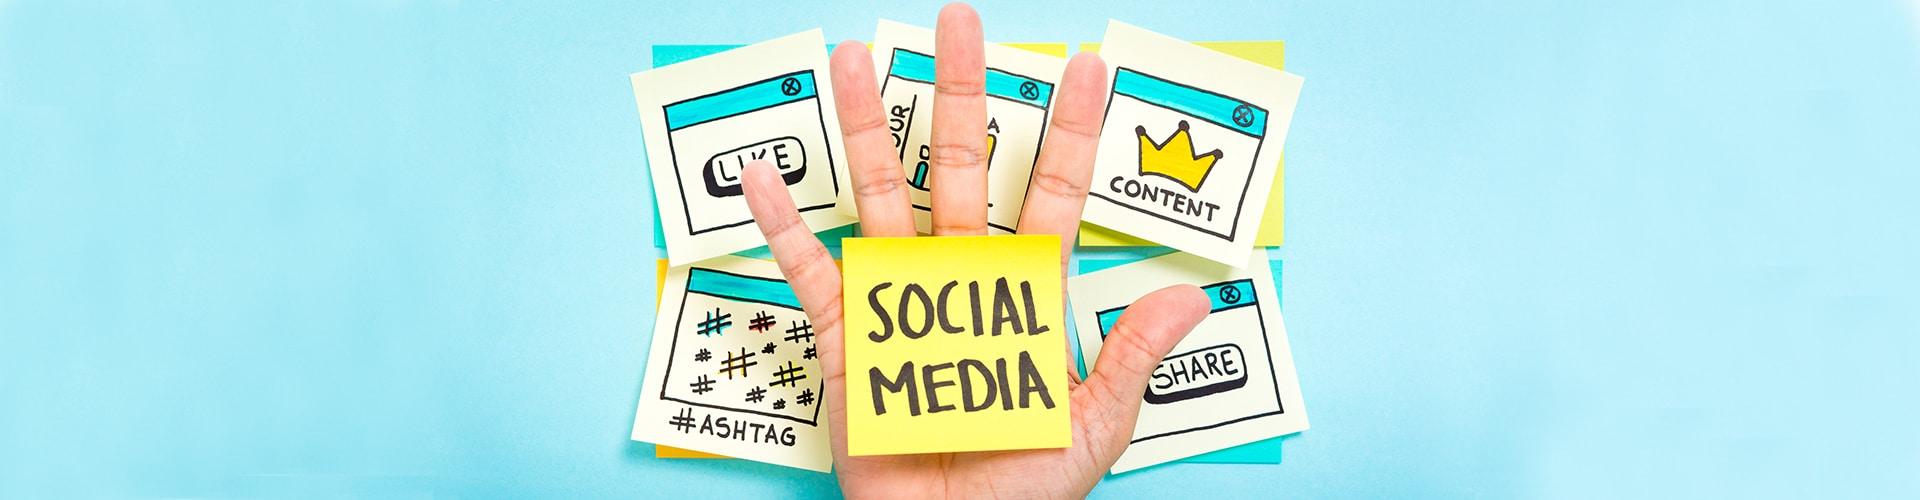 Überblick im Dschungel der Social Media Tools verloren? Hier gibt es fünf im Überblick.